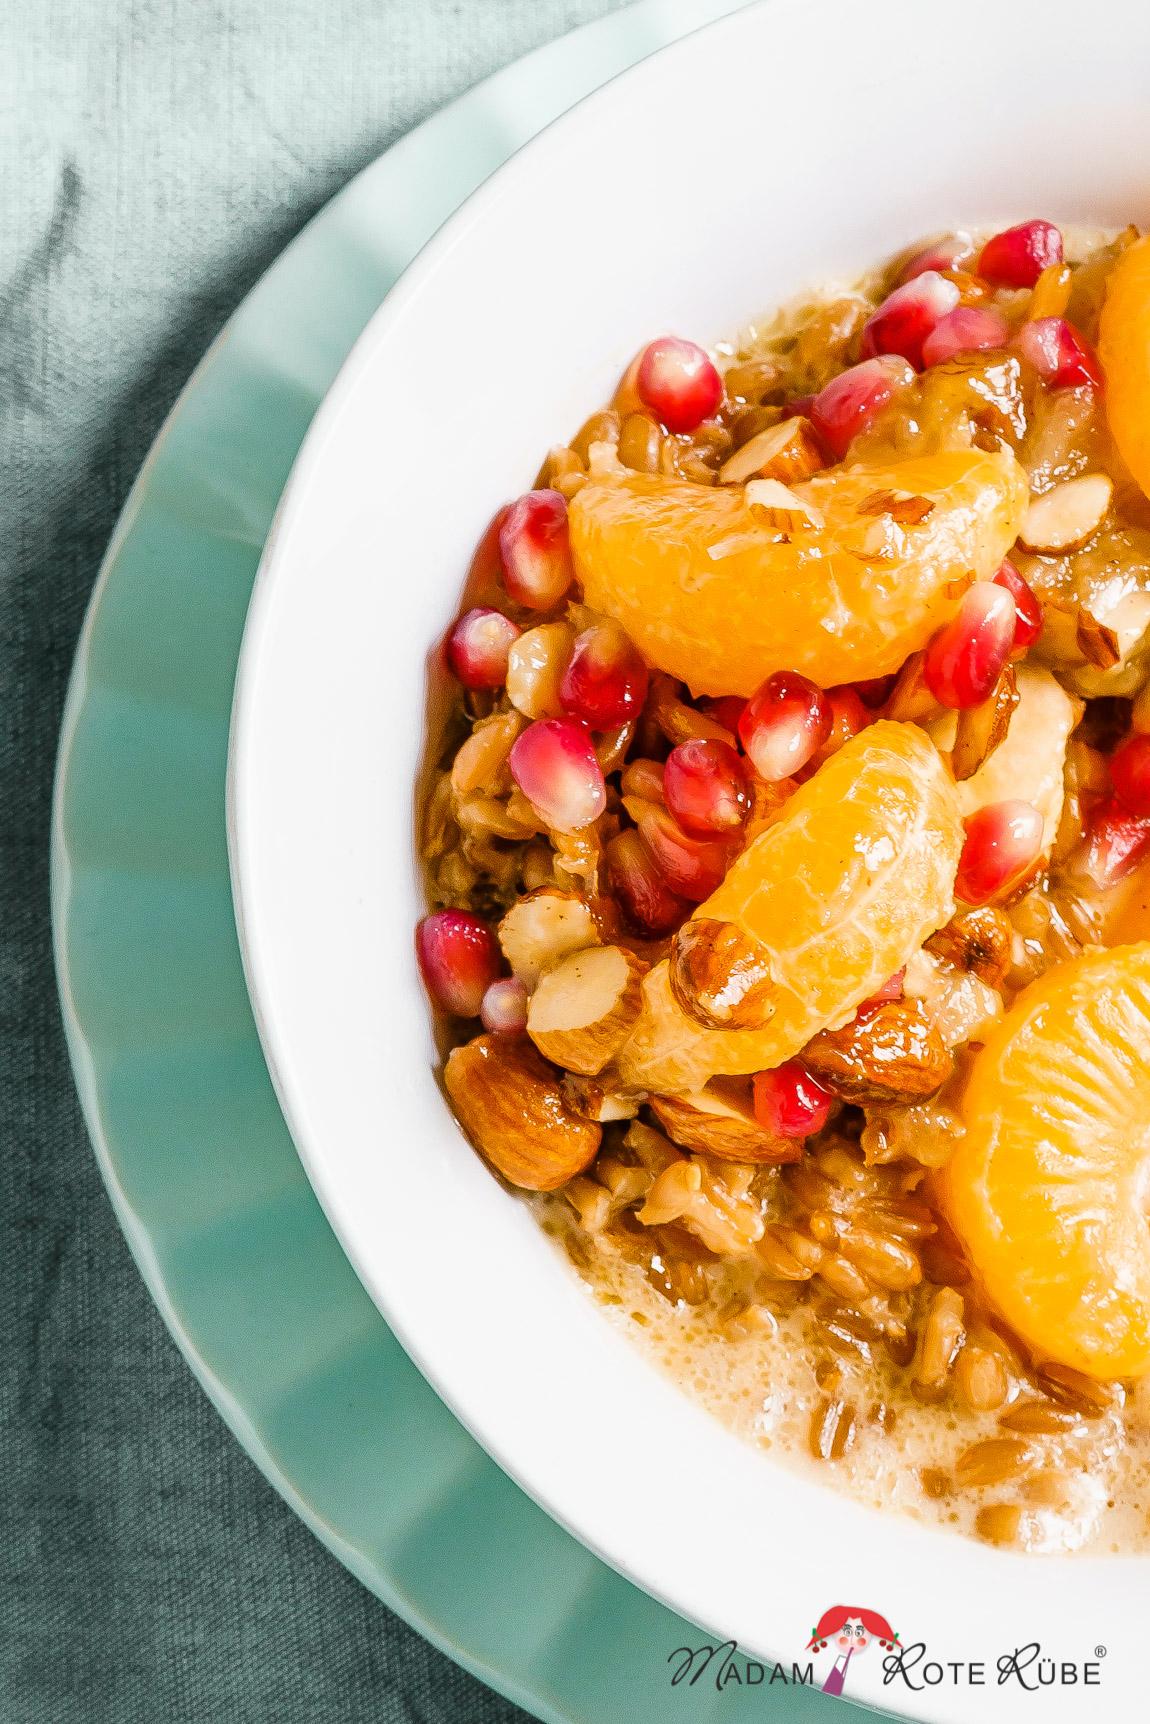 Madam Rote Rübe - Mandel-Dinkel-Porridge aus dem Ofen mit zart karamellisierten Früchten